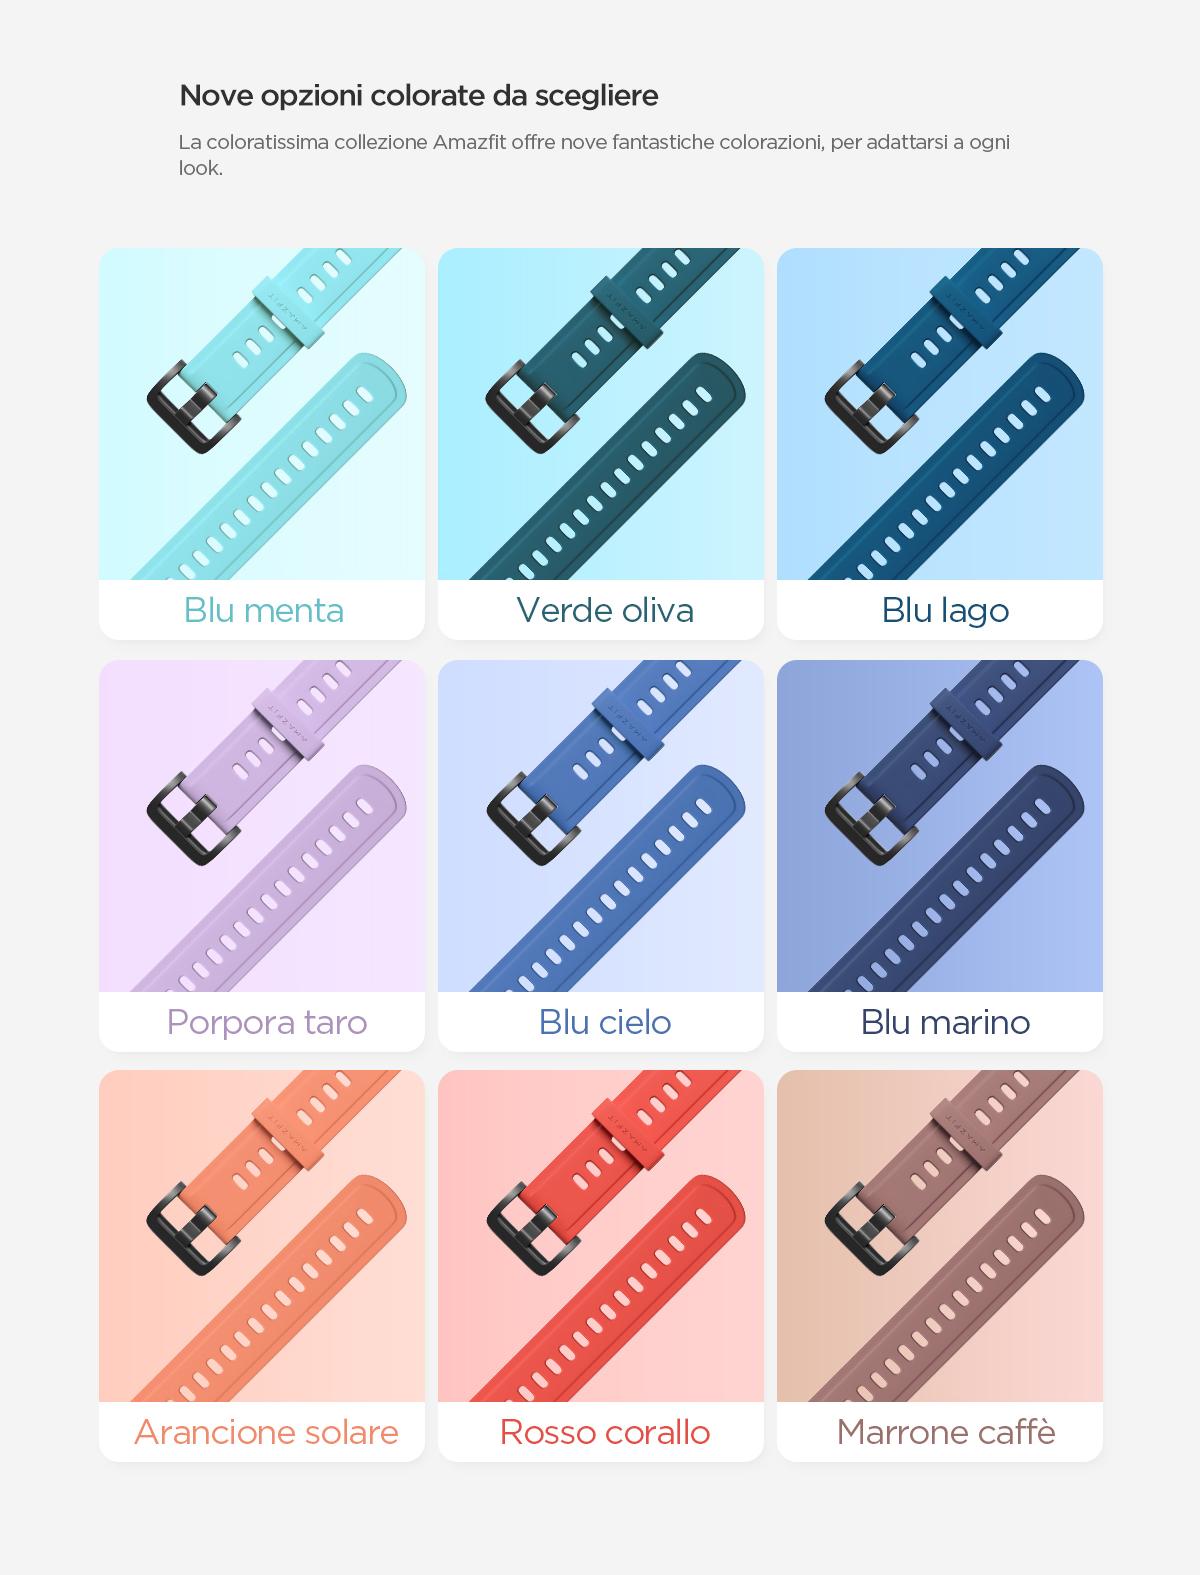 Amazfit Strap - Nove opzioni colorate da scegliere.